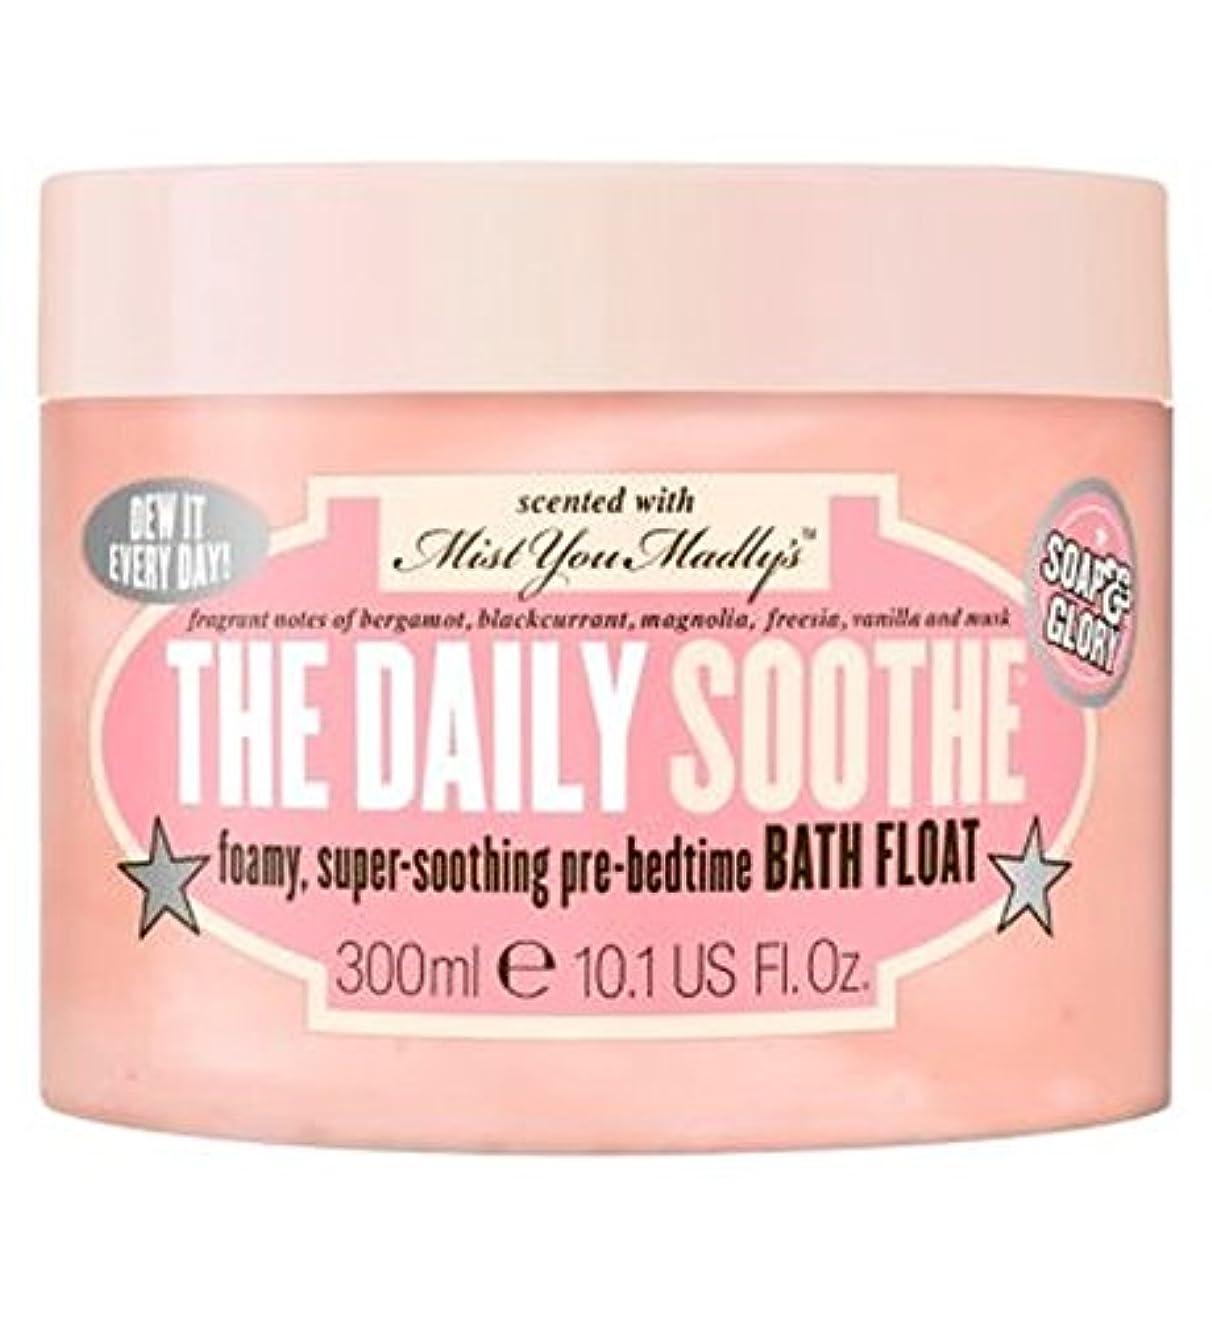 コロニー誇りバリーSoap & Glory The Daily Soothe Bath Float - 石鹸&栄光毎日癒すバスフロート (Soap & Glory) [並行輸入品]